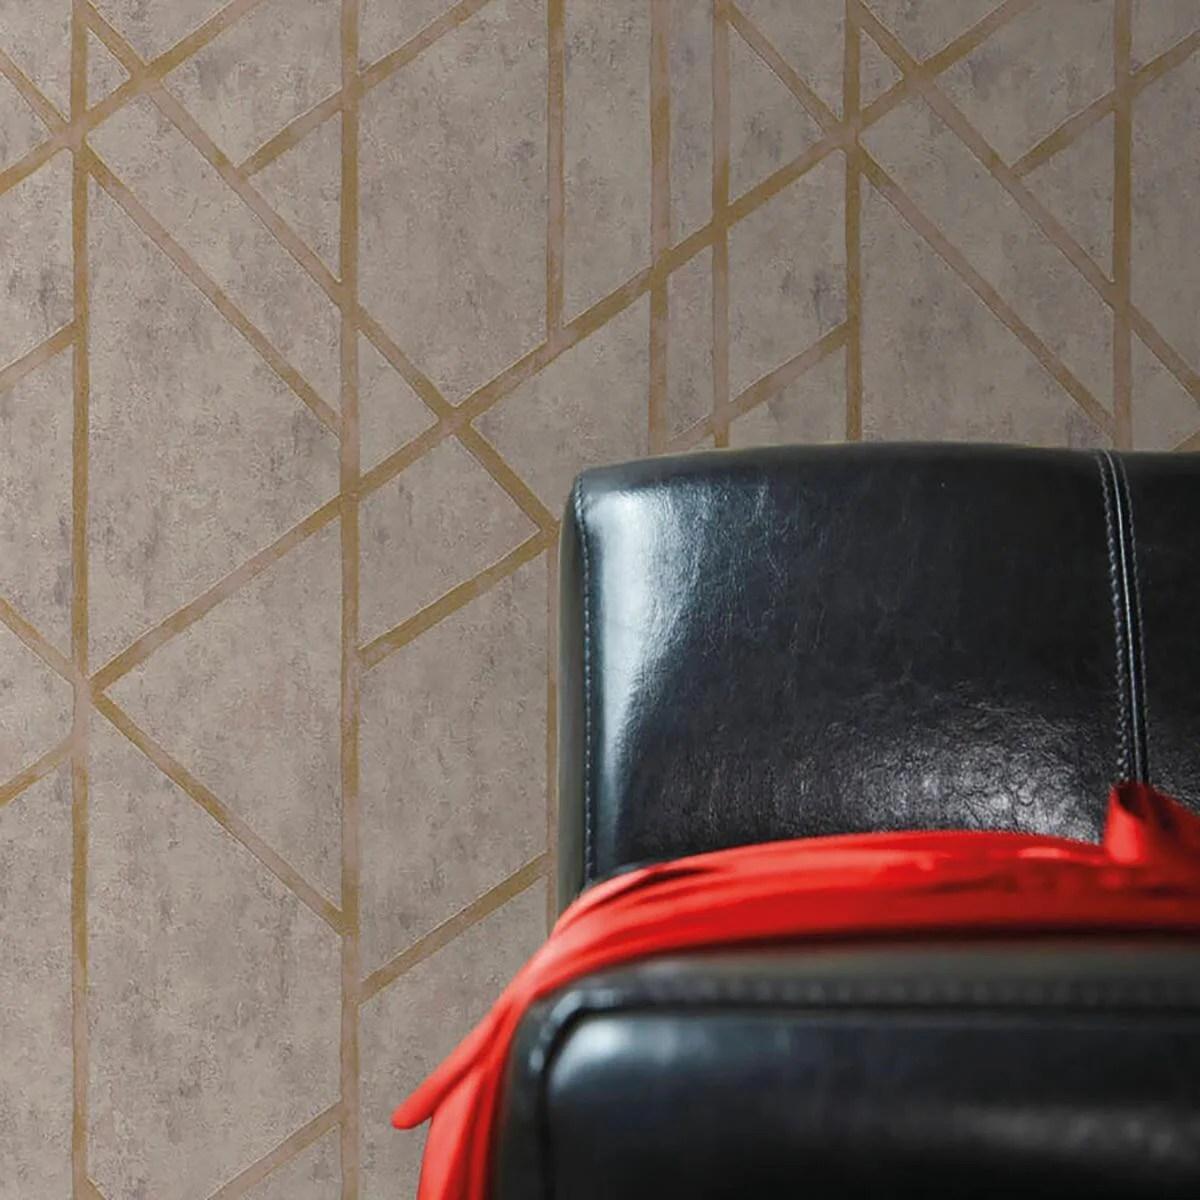 Trovare una selezione accurata di rivestimenti murali, dal design moderno quello classico, dal sobrio all'accattivante. Carta Da Parati Milano Oro Tortora 53 Cm X 10 0 M Leroy Merlin